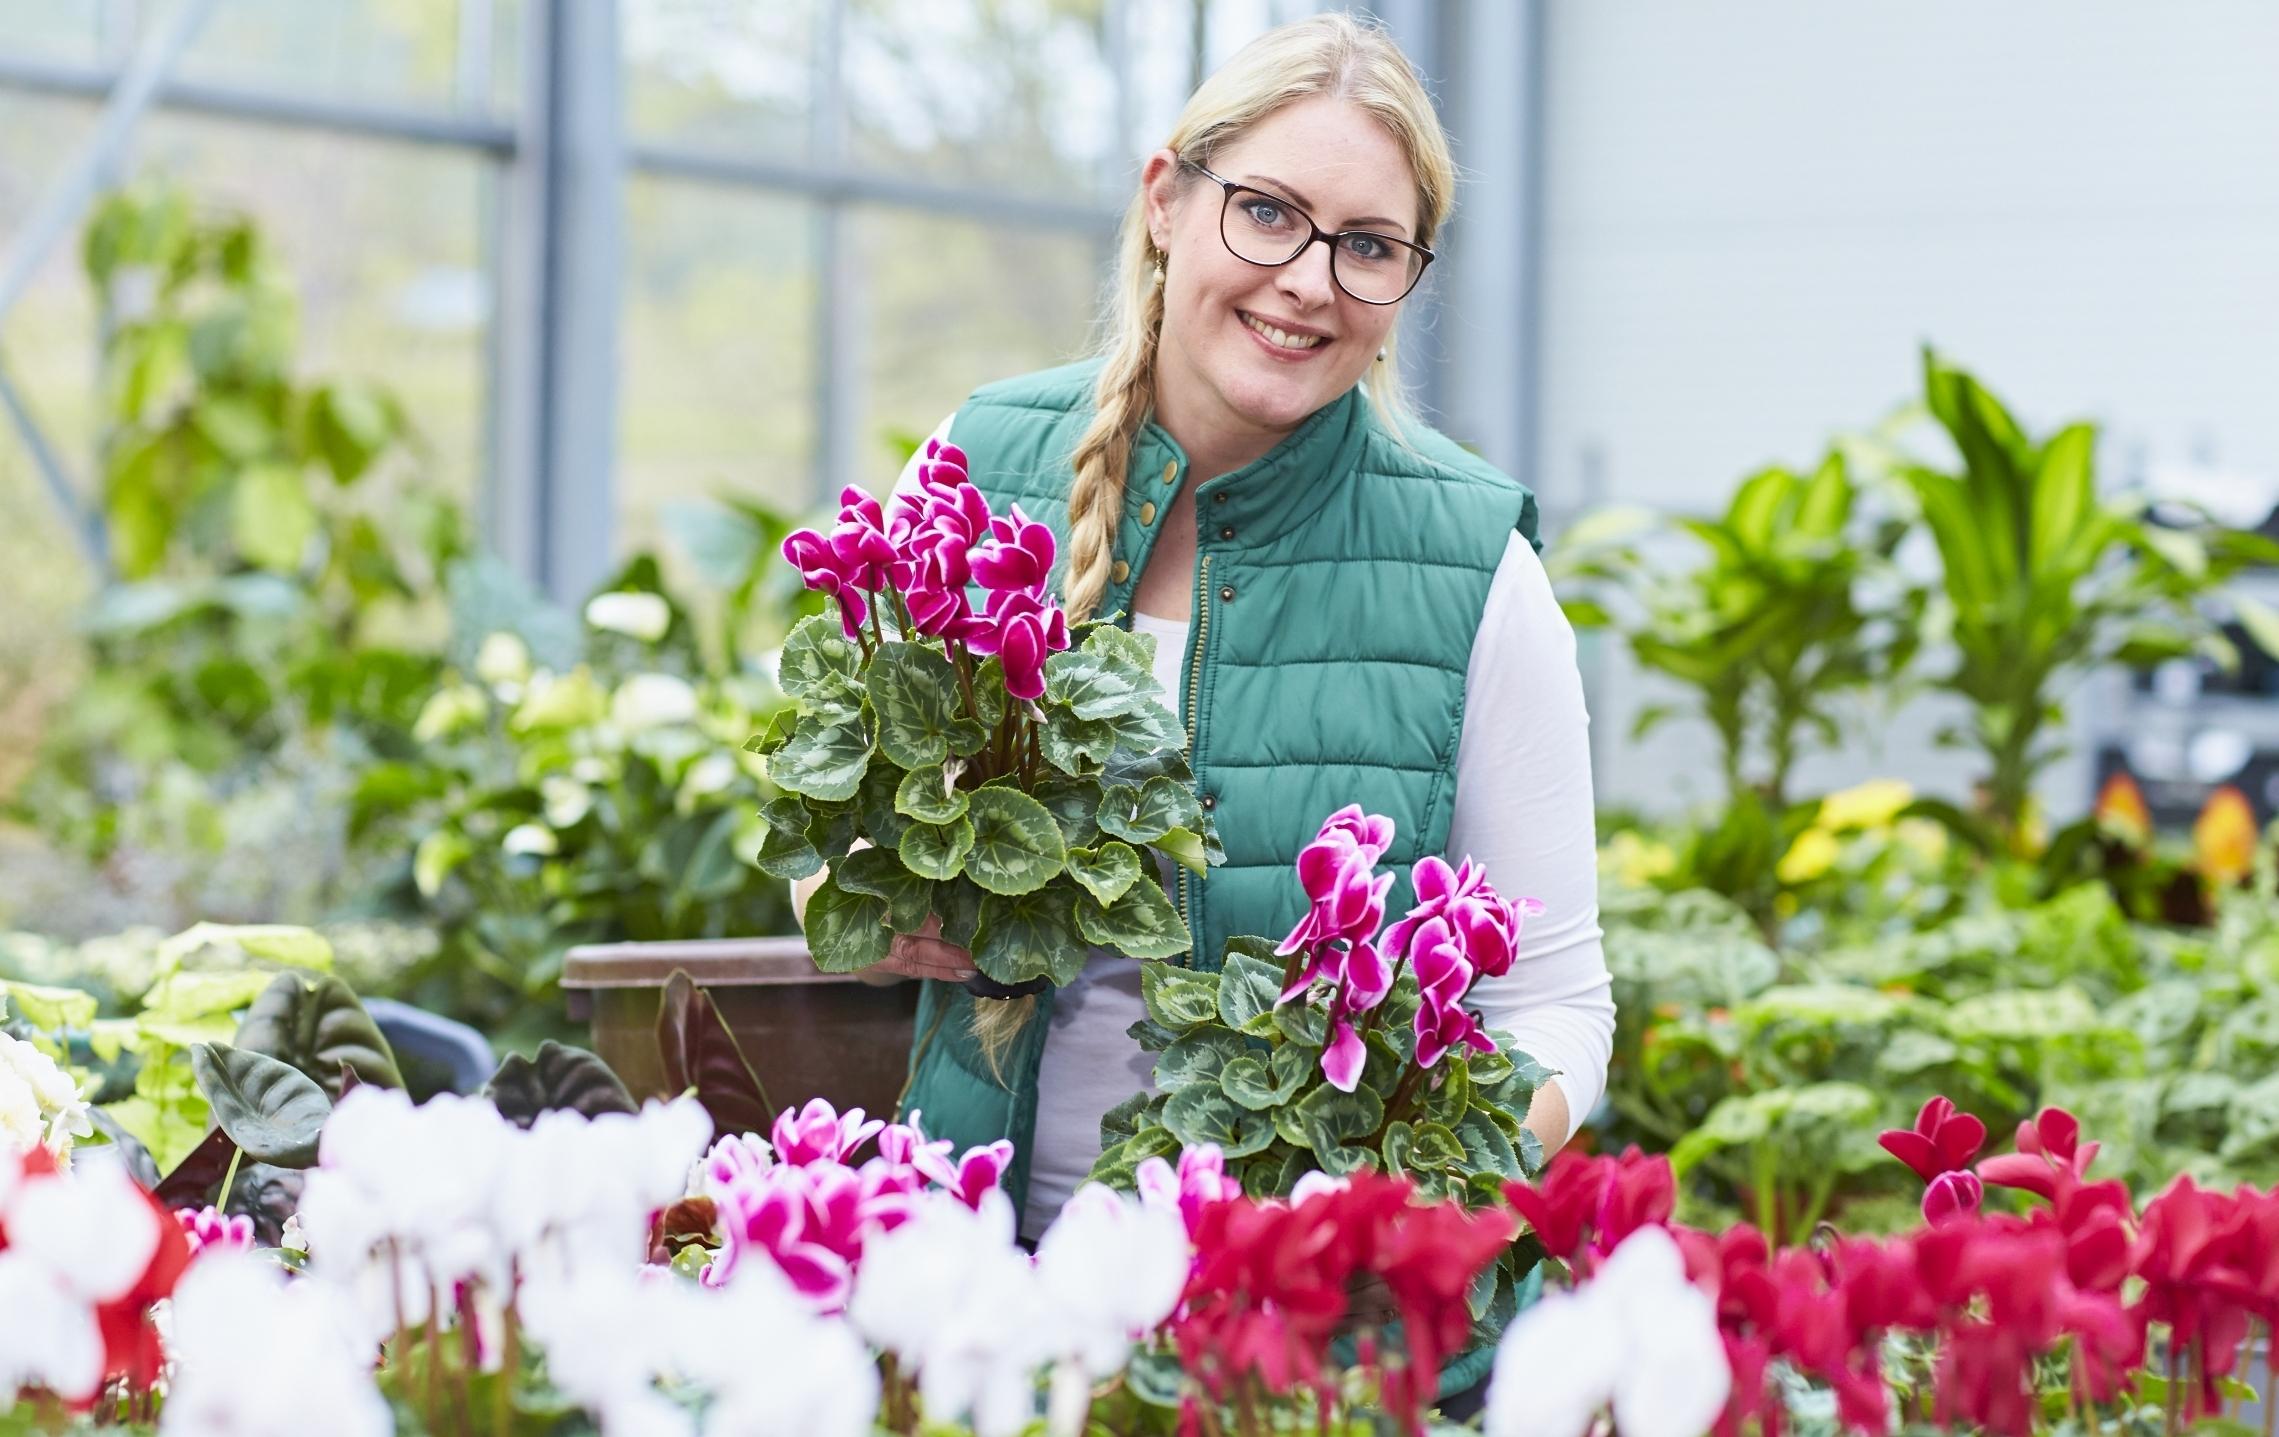 Für Garten und Balkon: Natürliche Winterschönheiten bieten besondere Augenblicke in der kalten Jahreszeit